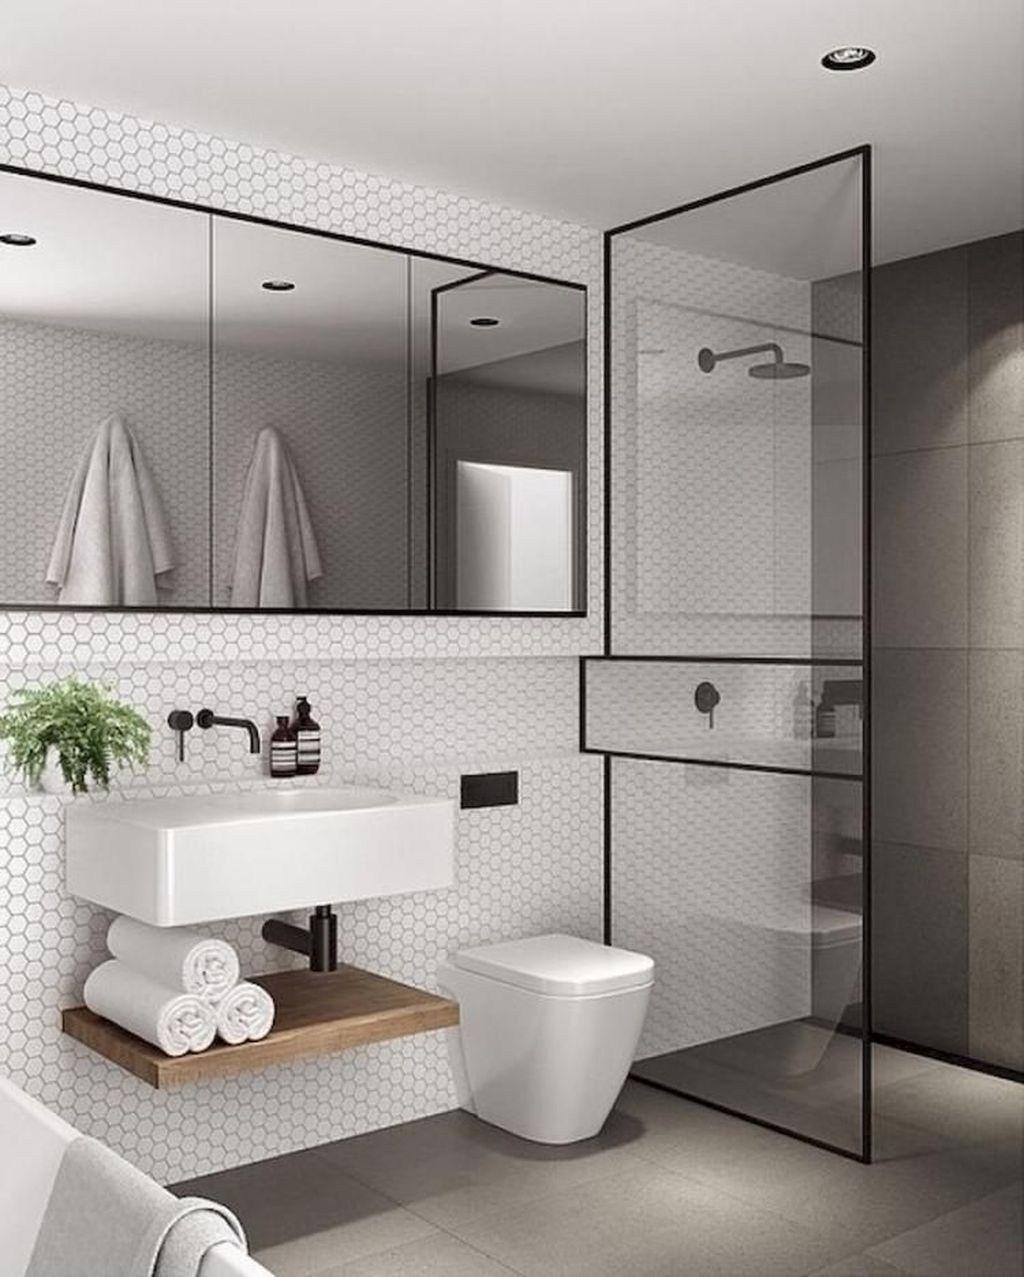 41 stylish small master bathroom remodel design ideas on bathroom renovation ideas modern id=17144